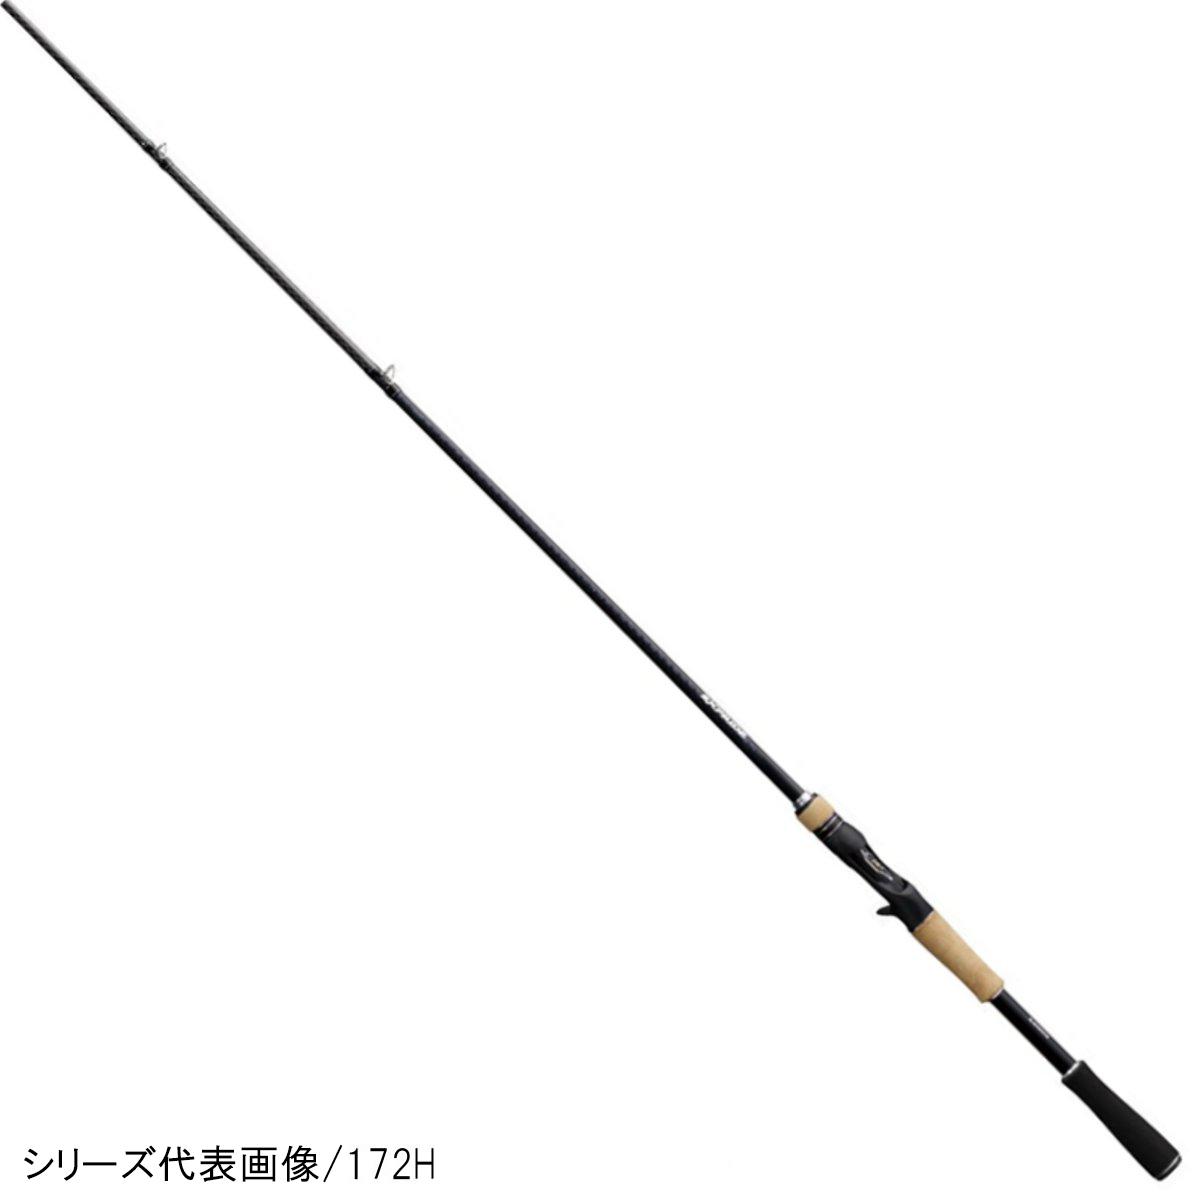 シマノ エクスプライド 176H【大型商品】(東日本店)